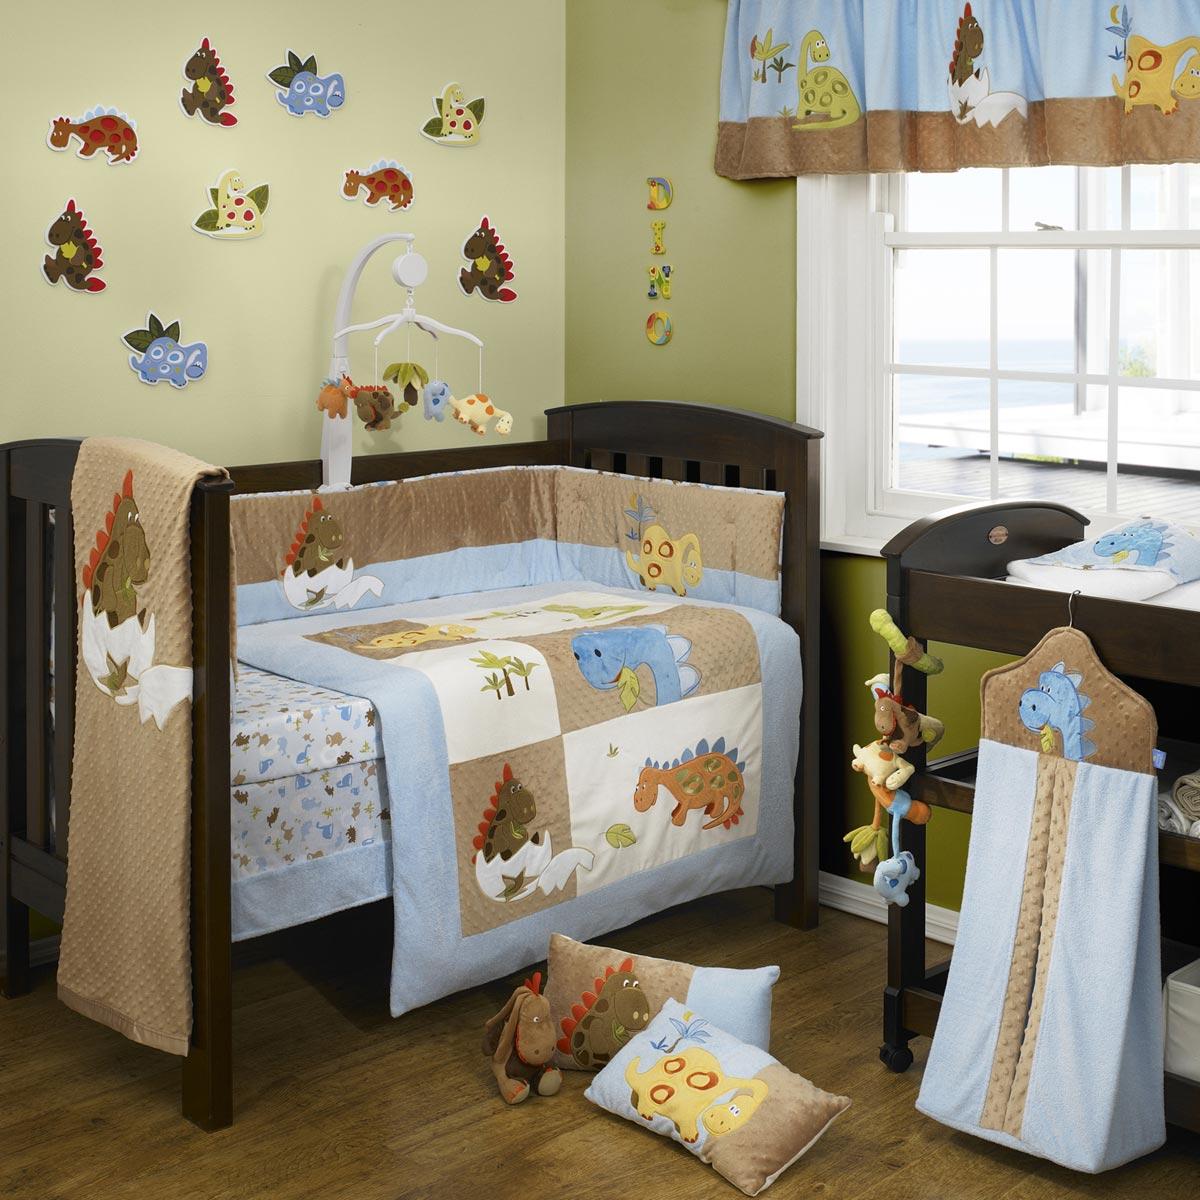 Детская комната для мальчика на тему динозавриков смотрится довольно мило